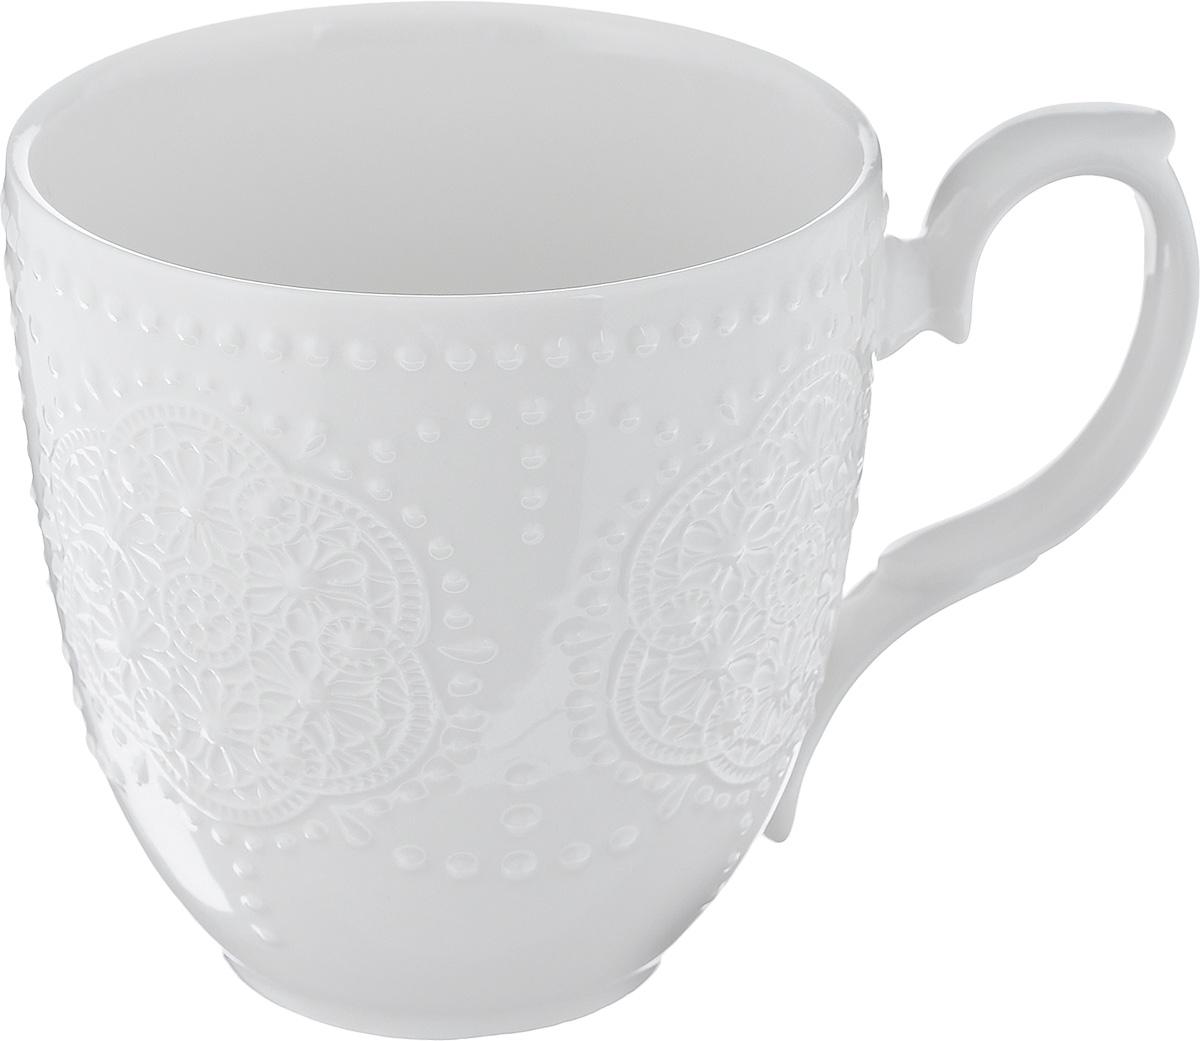 Кружка Walmer Vivien, цвет: белый, 350 мл115610Кружка Walmer Vivien изготовлена из высококачественного фарфора. Изделие оформлено изысканным рельефным орнаментом.Такая кружка прекрасно оформит стол к чаепитию и станет его неизменным атрибутом. Не рекомендуется применять абразивные моющие средства. Диаметр (по верхнему краю): 9 см.Высота: 9,5 см.